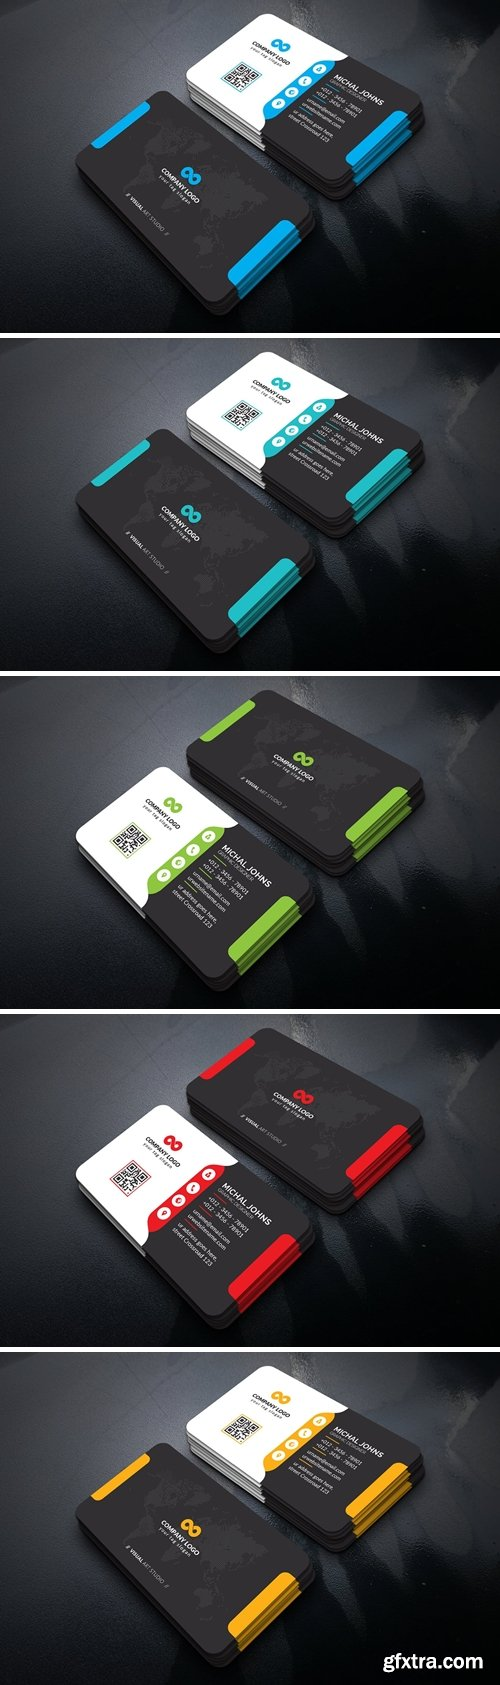 Business Card PR9AGQ3